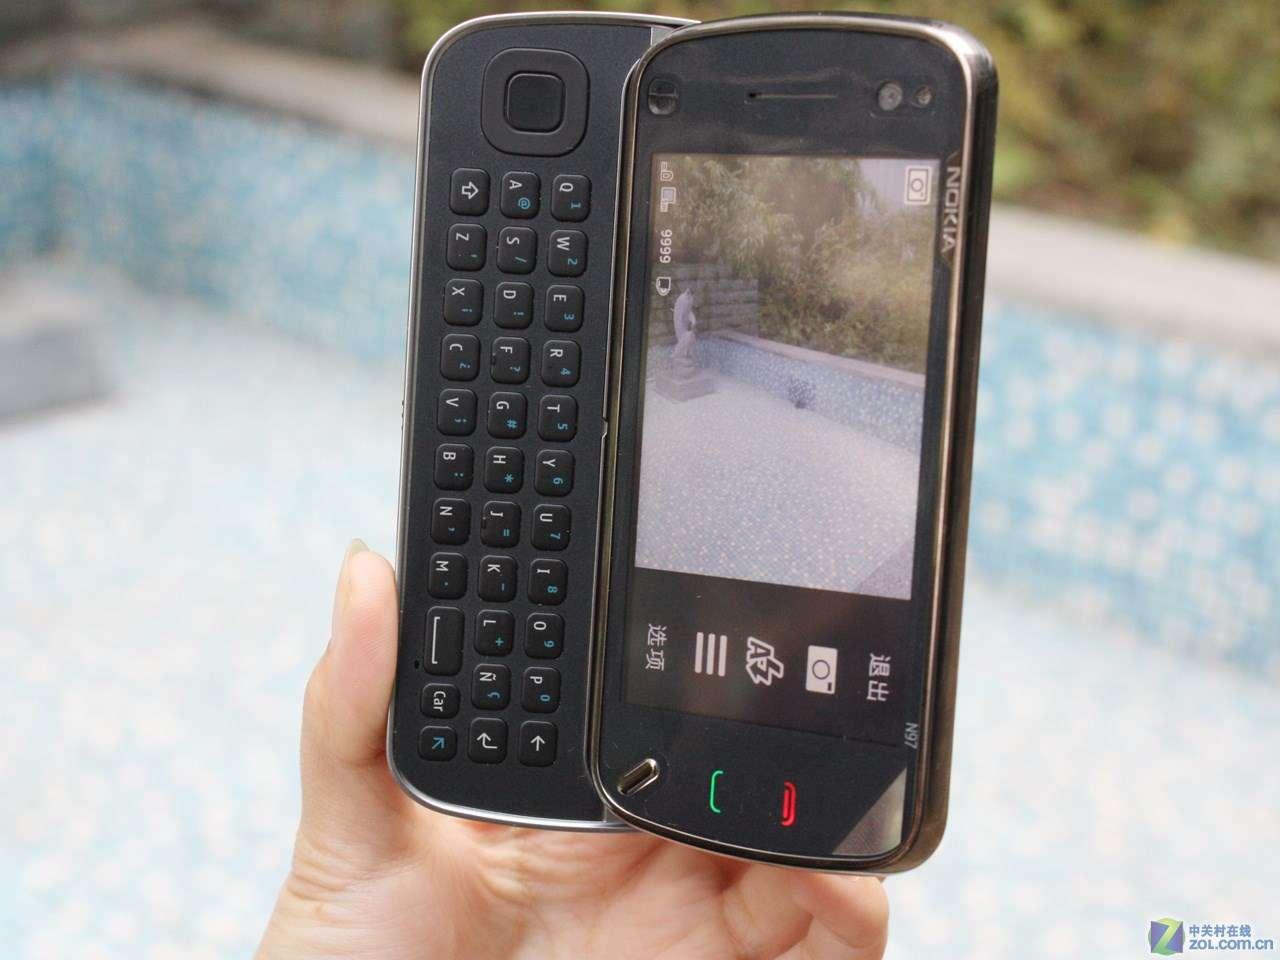 /N97/N97mini原装经典侧滑塞班智能32G备用收藏全键盘